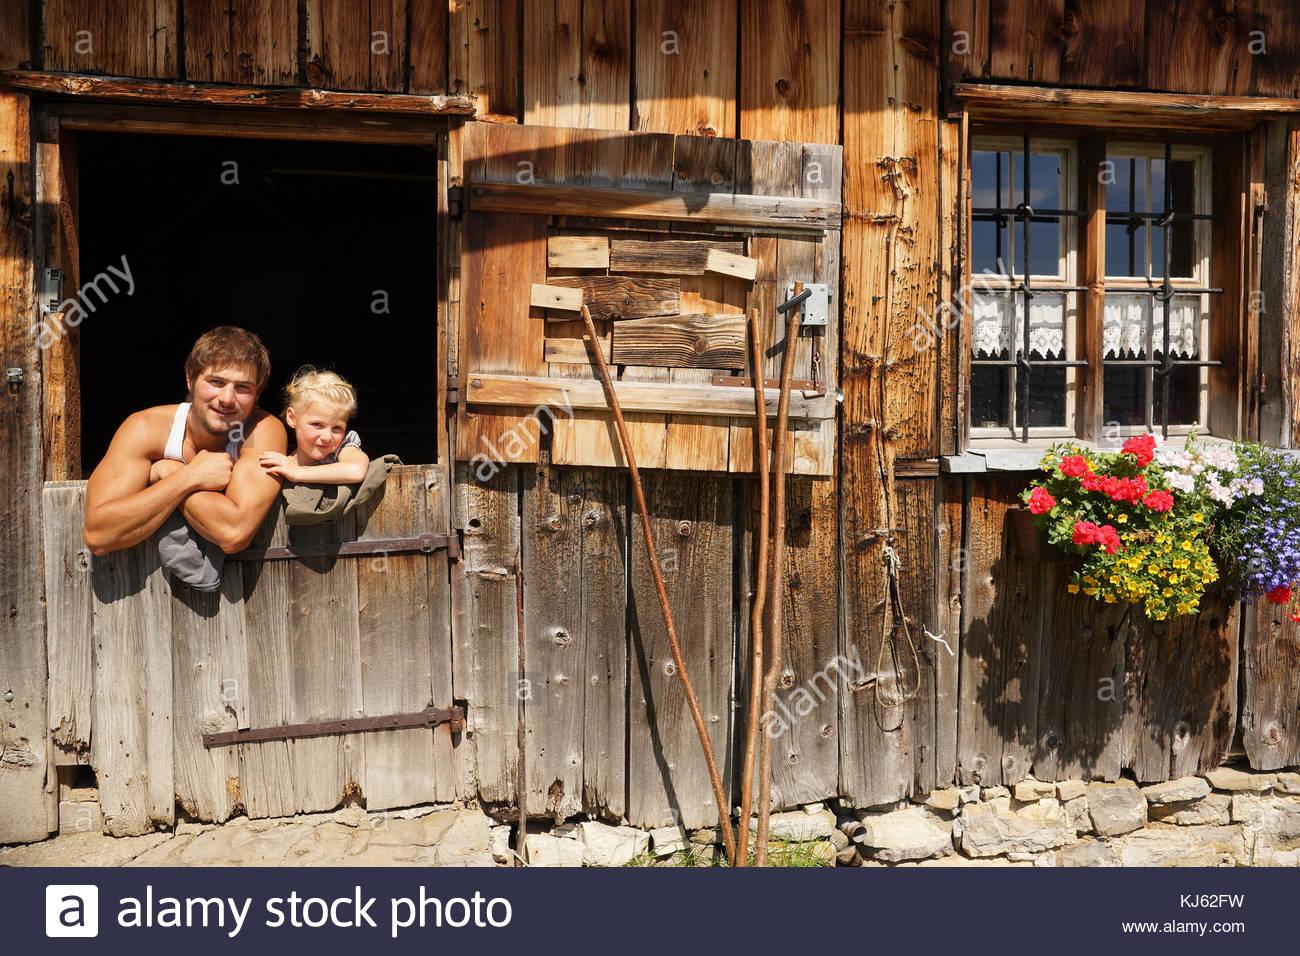 Idilio rural Imagen De Stock